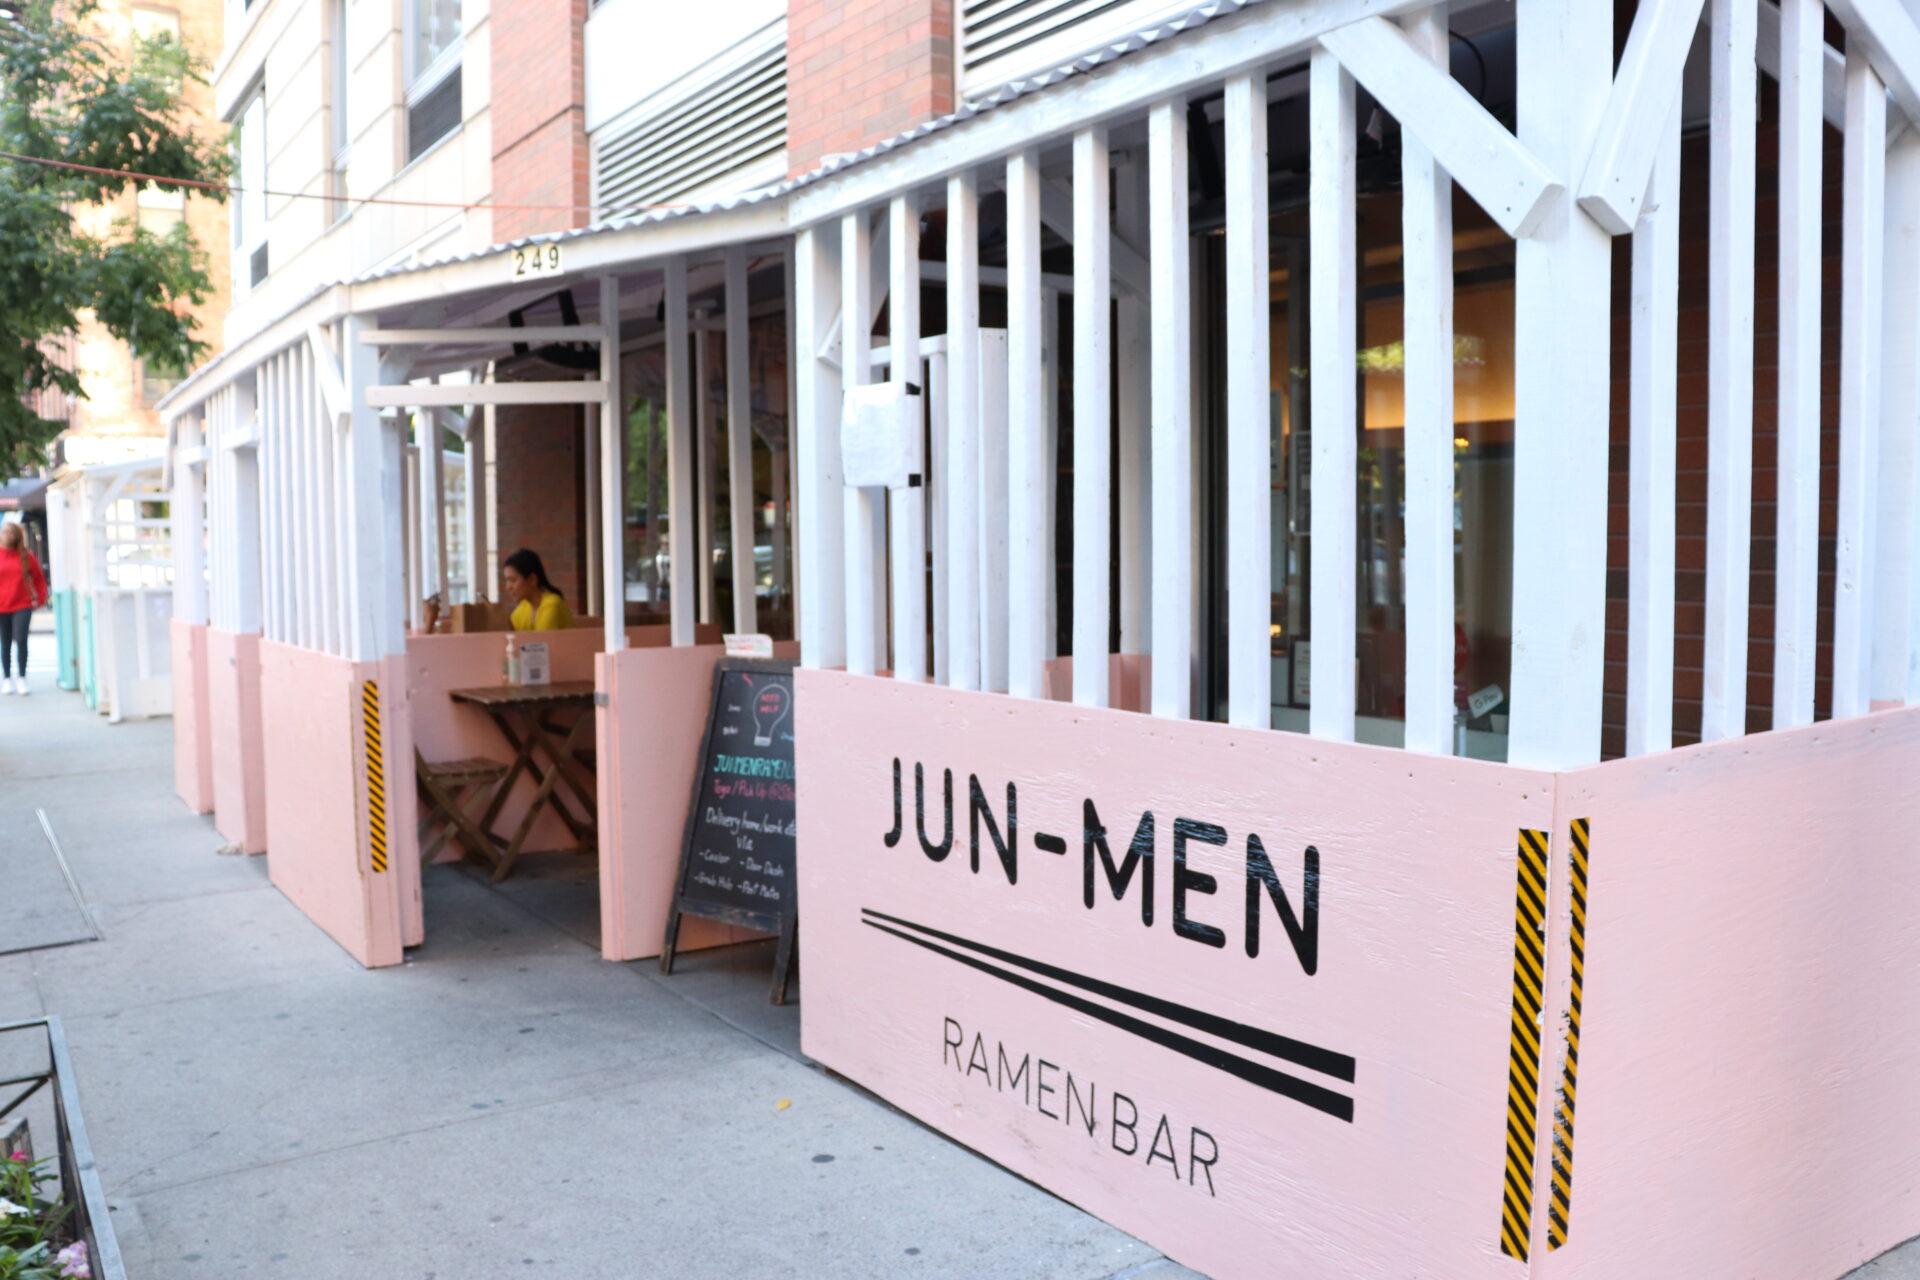 ハドソンヤードのおすすめラーメン店『JUN-MEN RAMEN BAR』